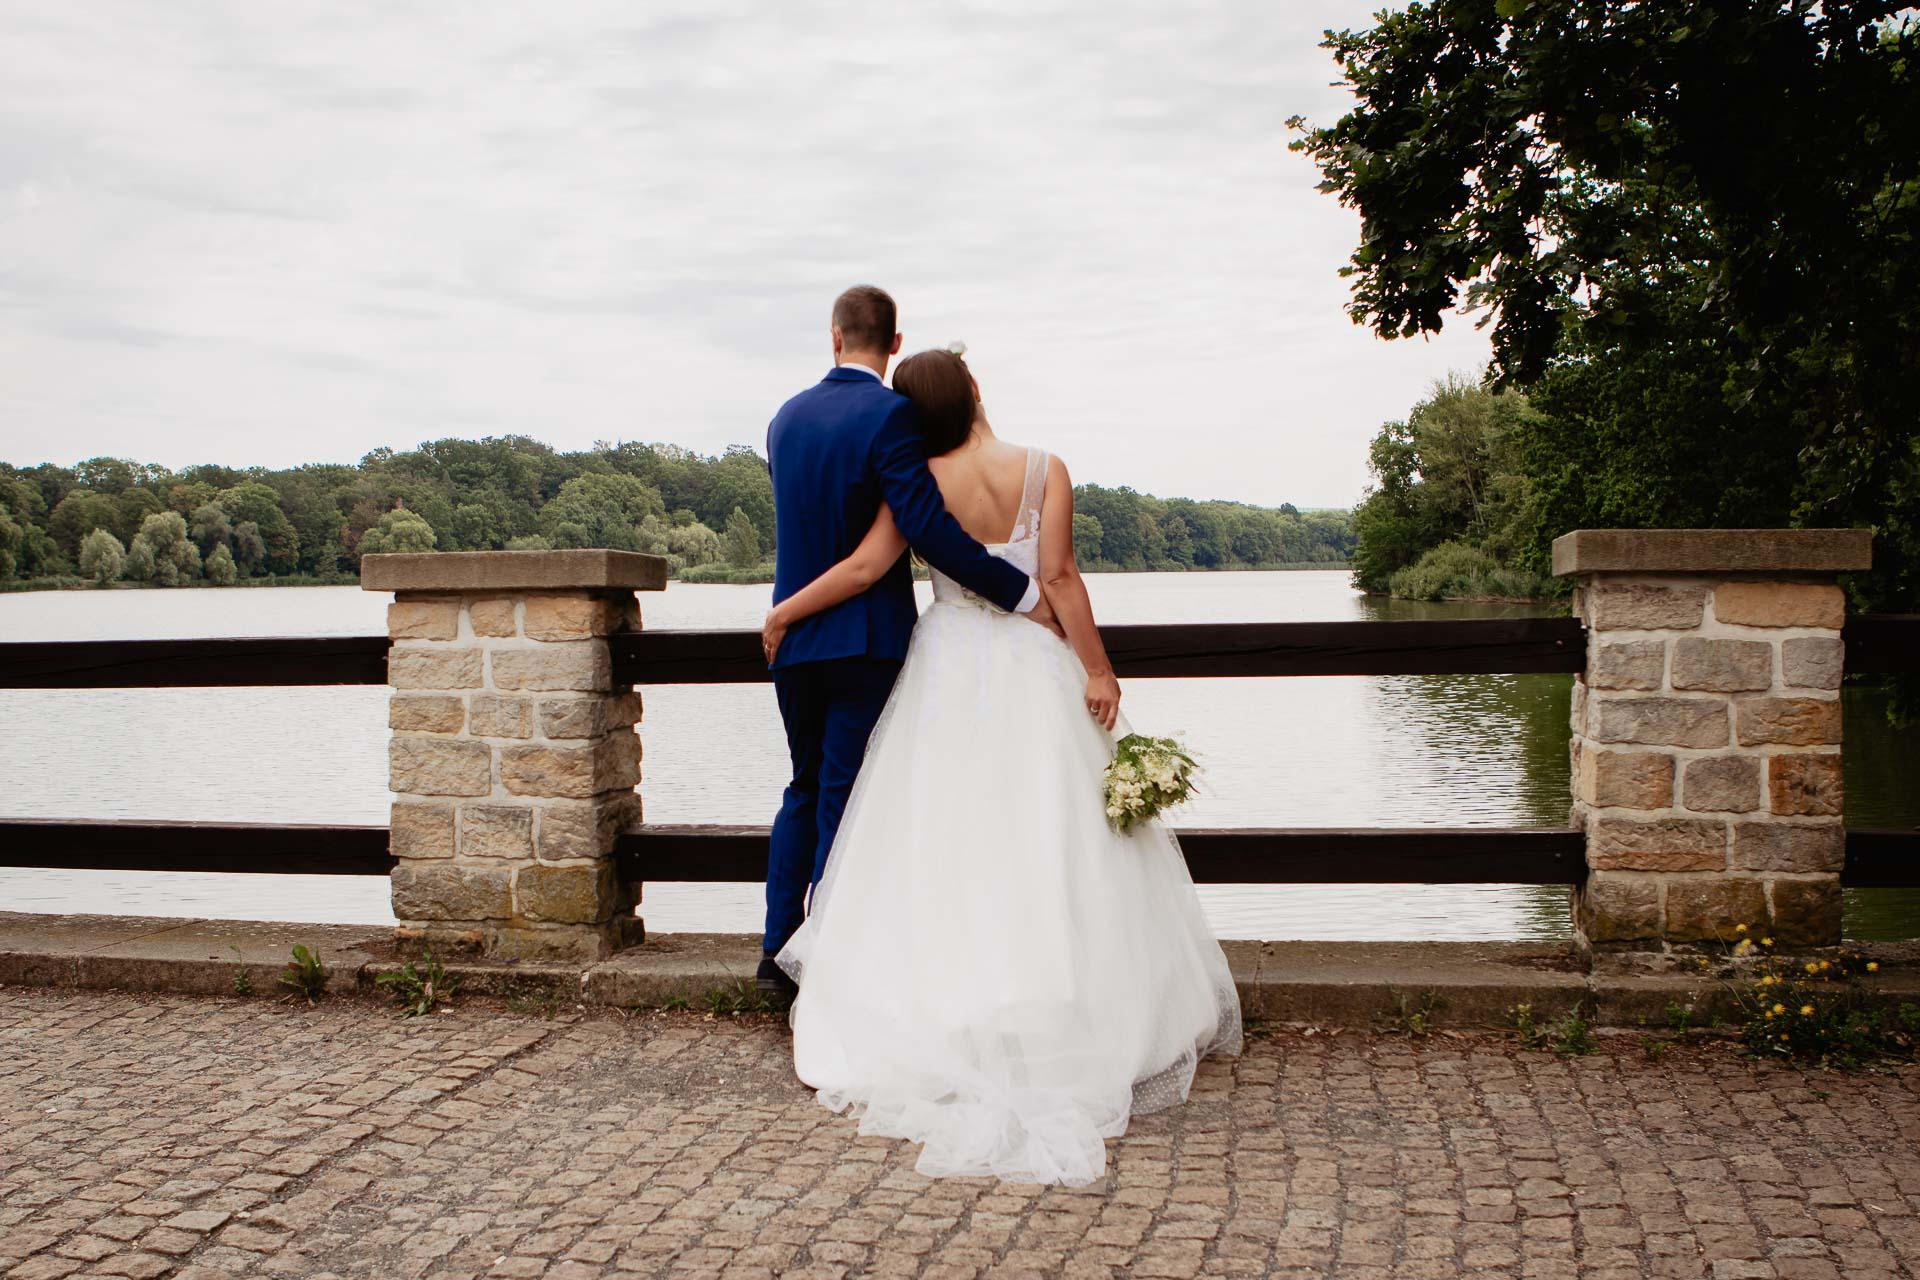 svatební-fotograf-dolní-počernice-svatební-fotograf-Zámecký-park-Dolní-Počernice-119